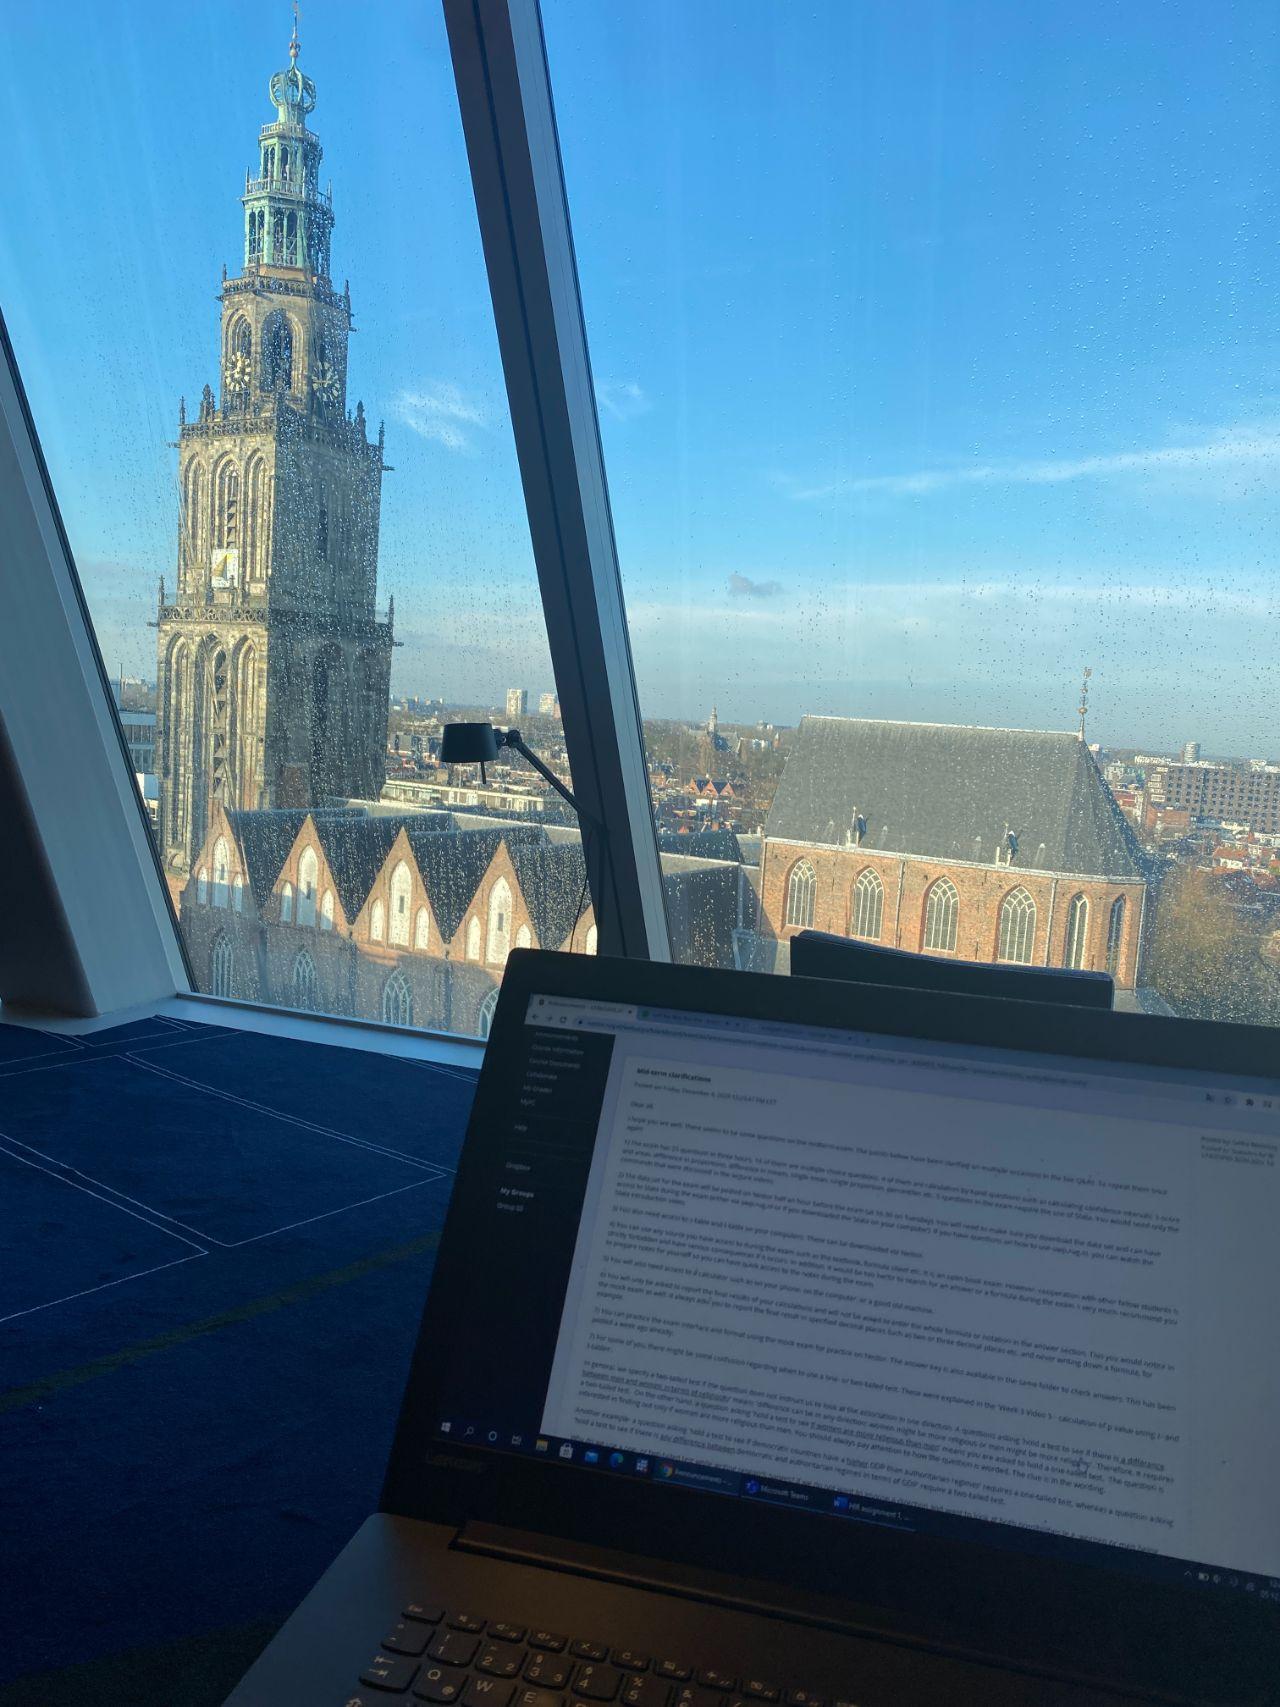 WWW statt Vorlesungssaal – Das Onlinestudium in den Niederlanden